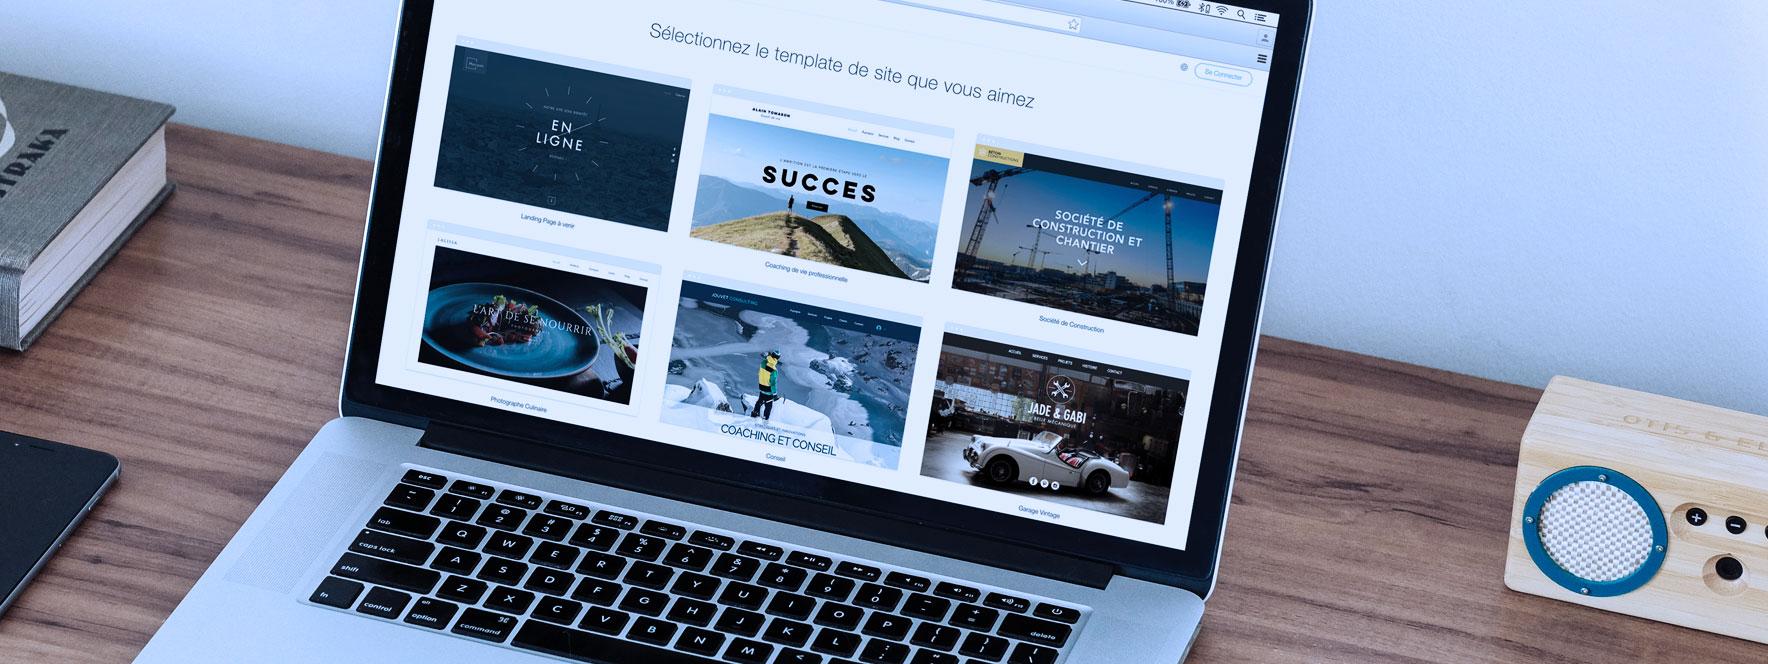 Le coût d'un site web: besoins et objectifs - Blogue du Réseau